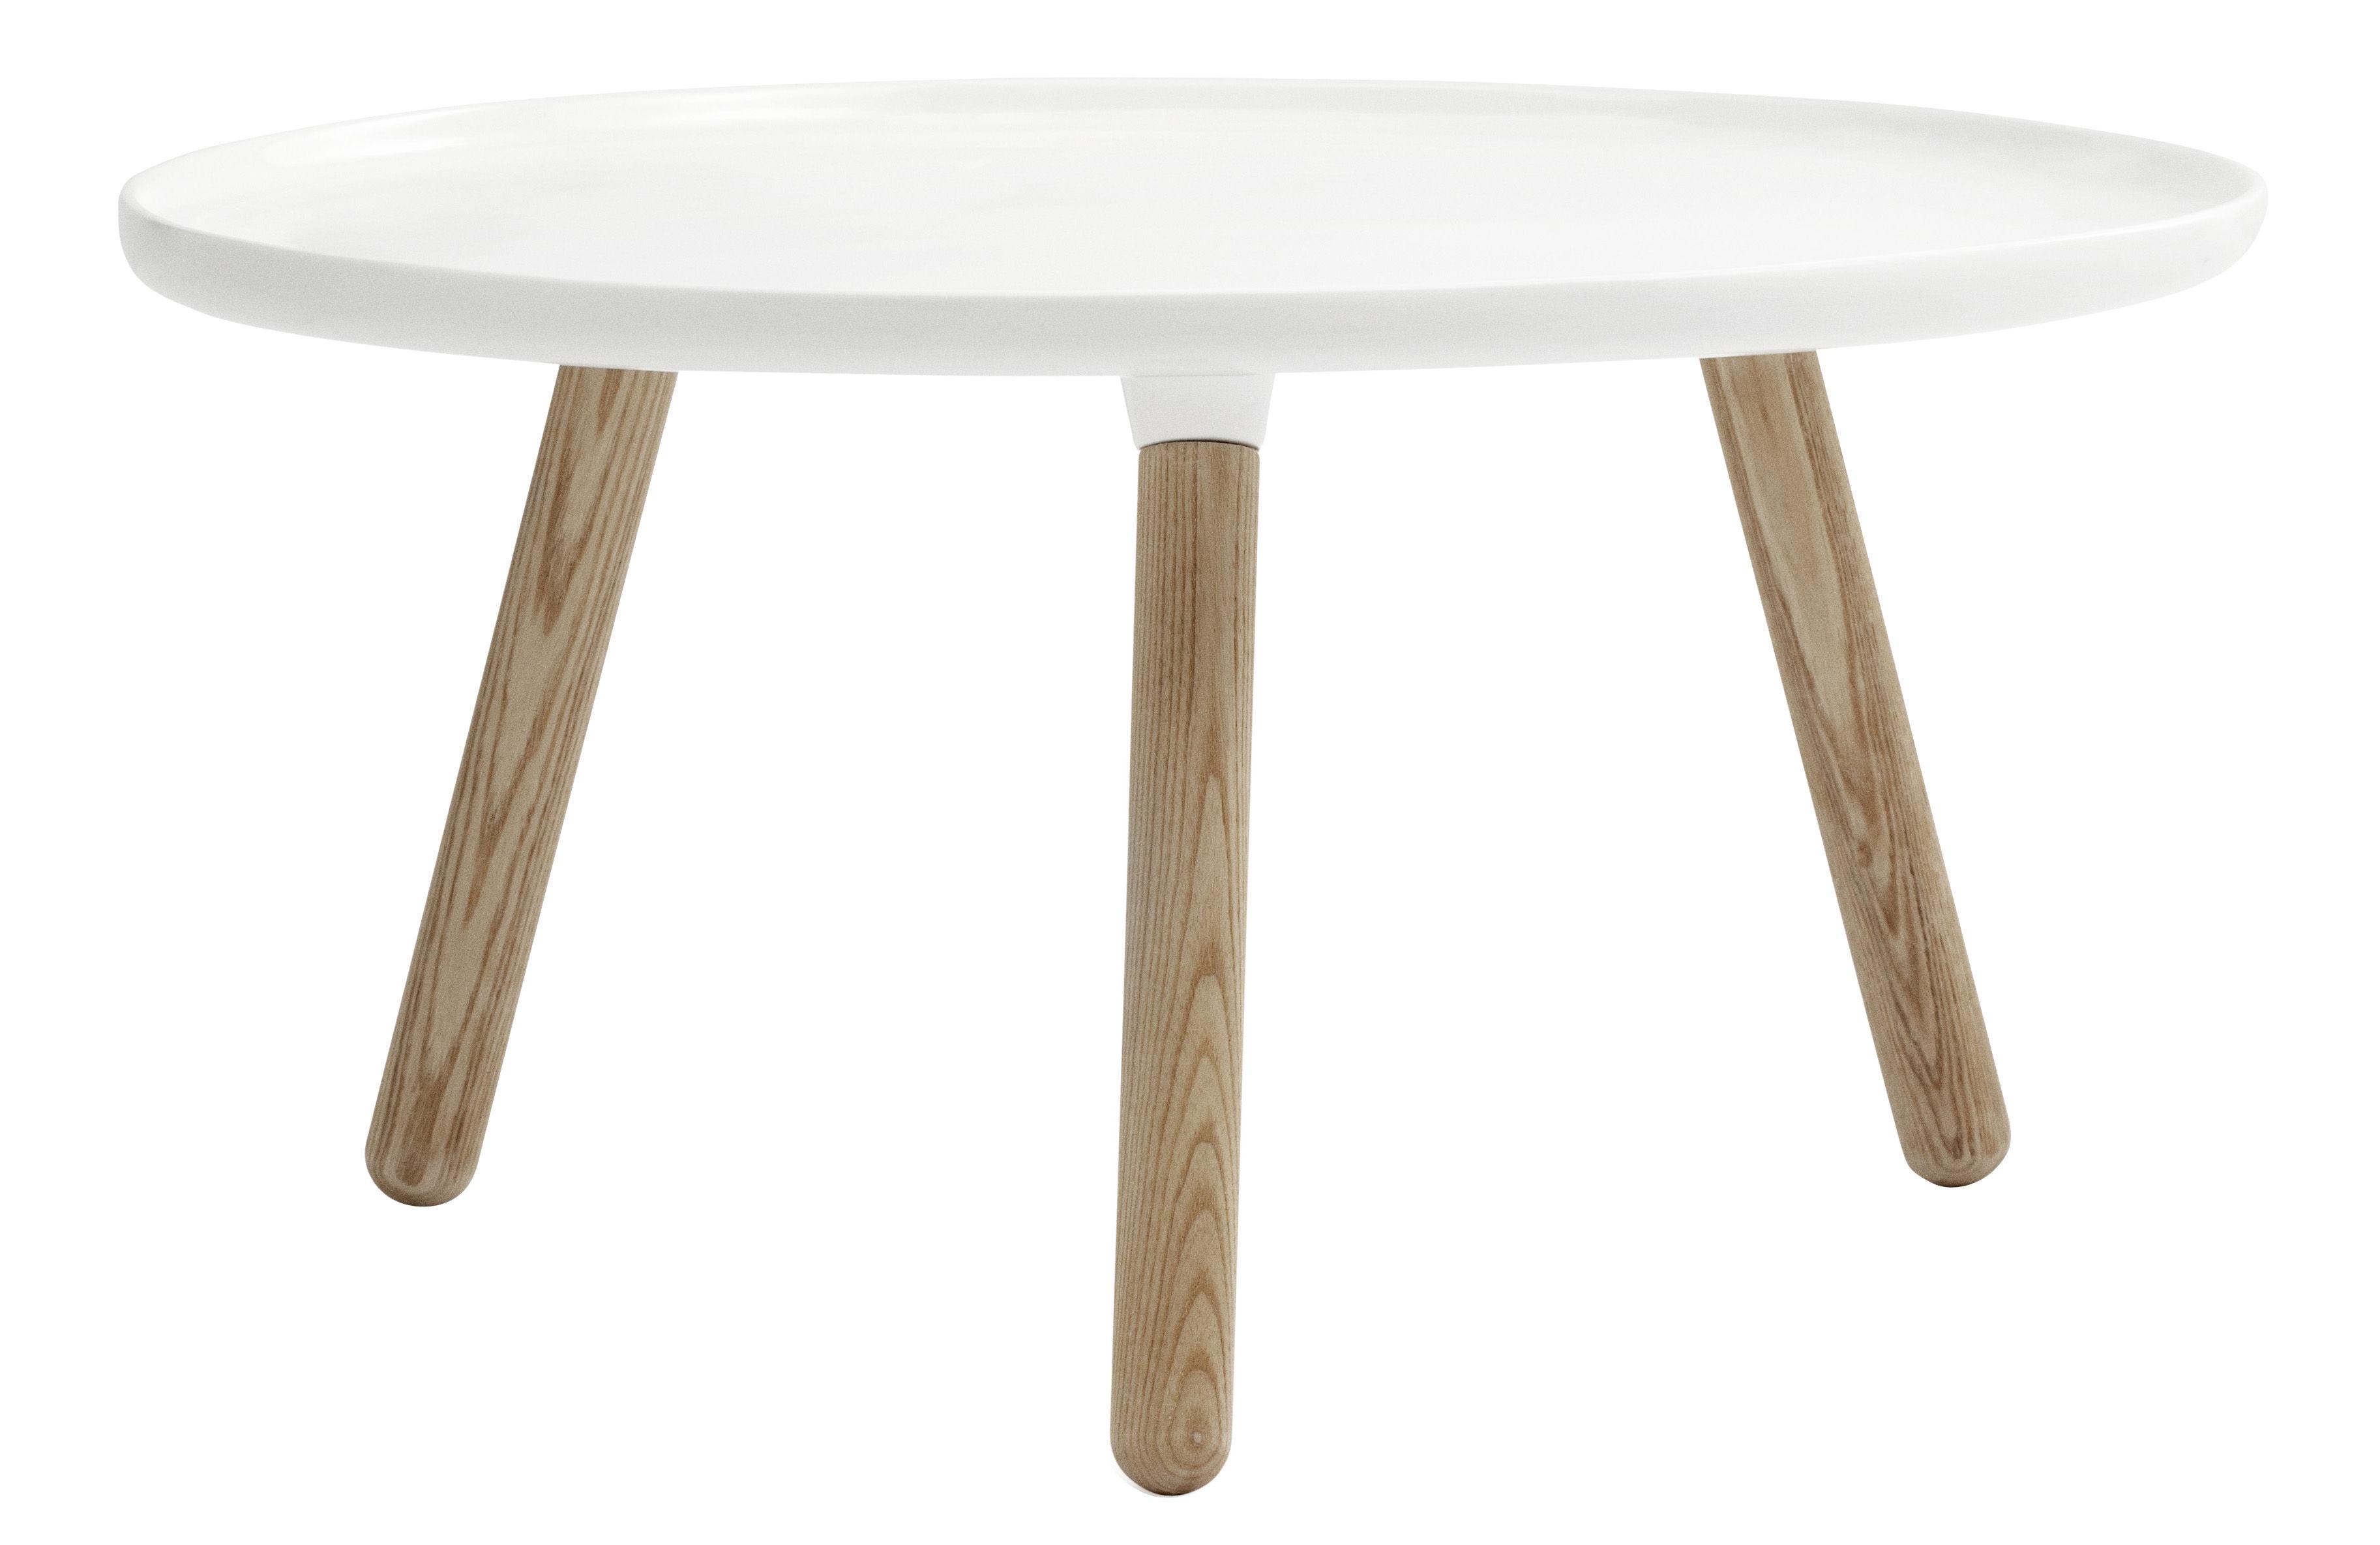 Möbel - Couchtische - Tablo Large Couchtisch Ø 78 cm - Normann Copenhagen - Weiß - Frêne naturel, Verbund-Werkstoffe